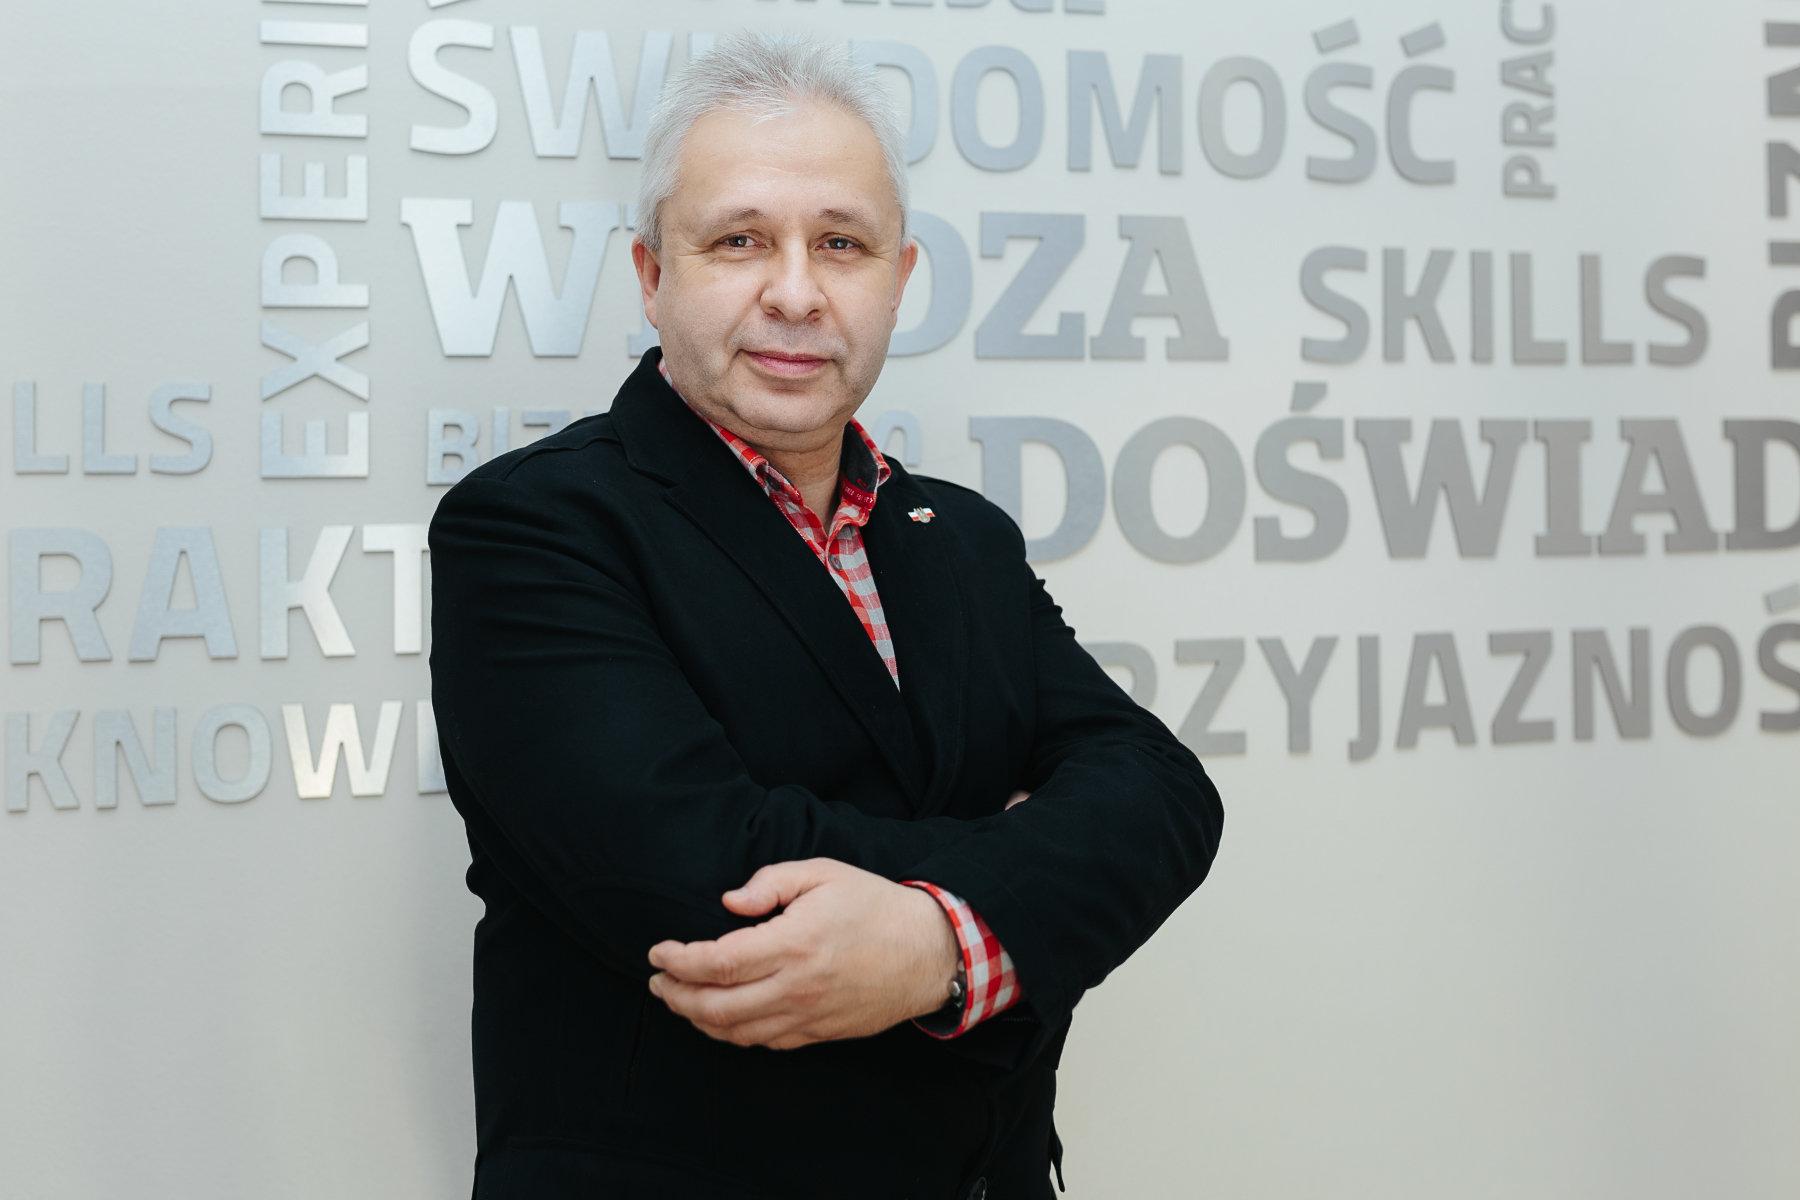 bezpieczeństwo wewnętrzne: dr Edward Pałka